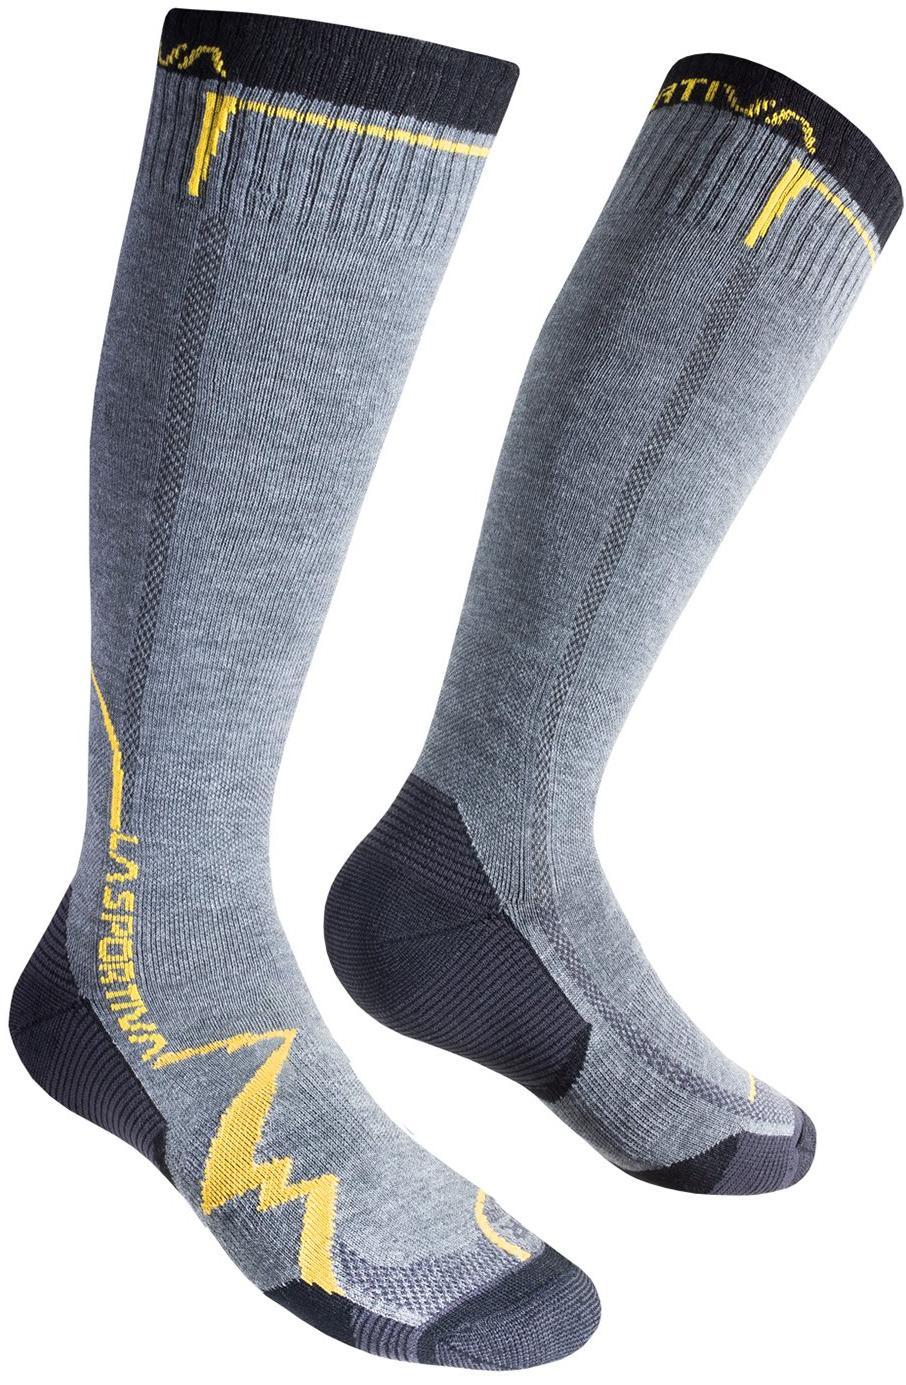 Носки MOUNTAIN SOCKS LONG Grey/Yellow, 29QGY - артикул: 372300183